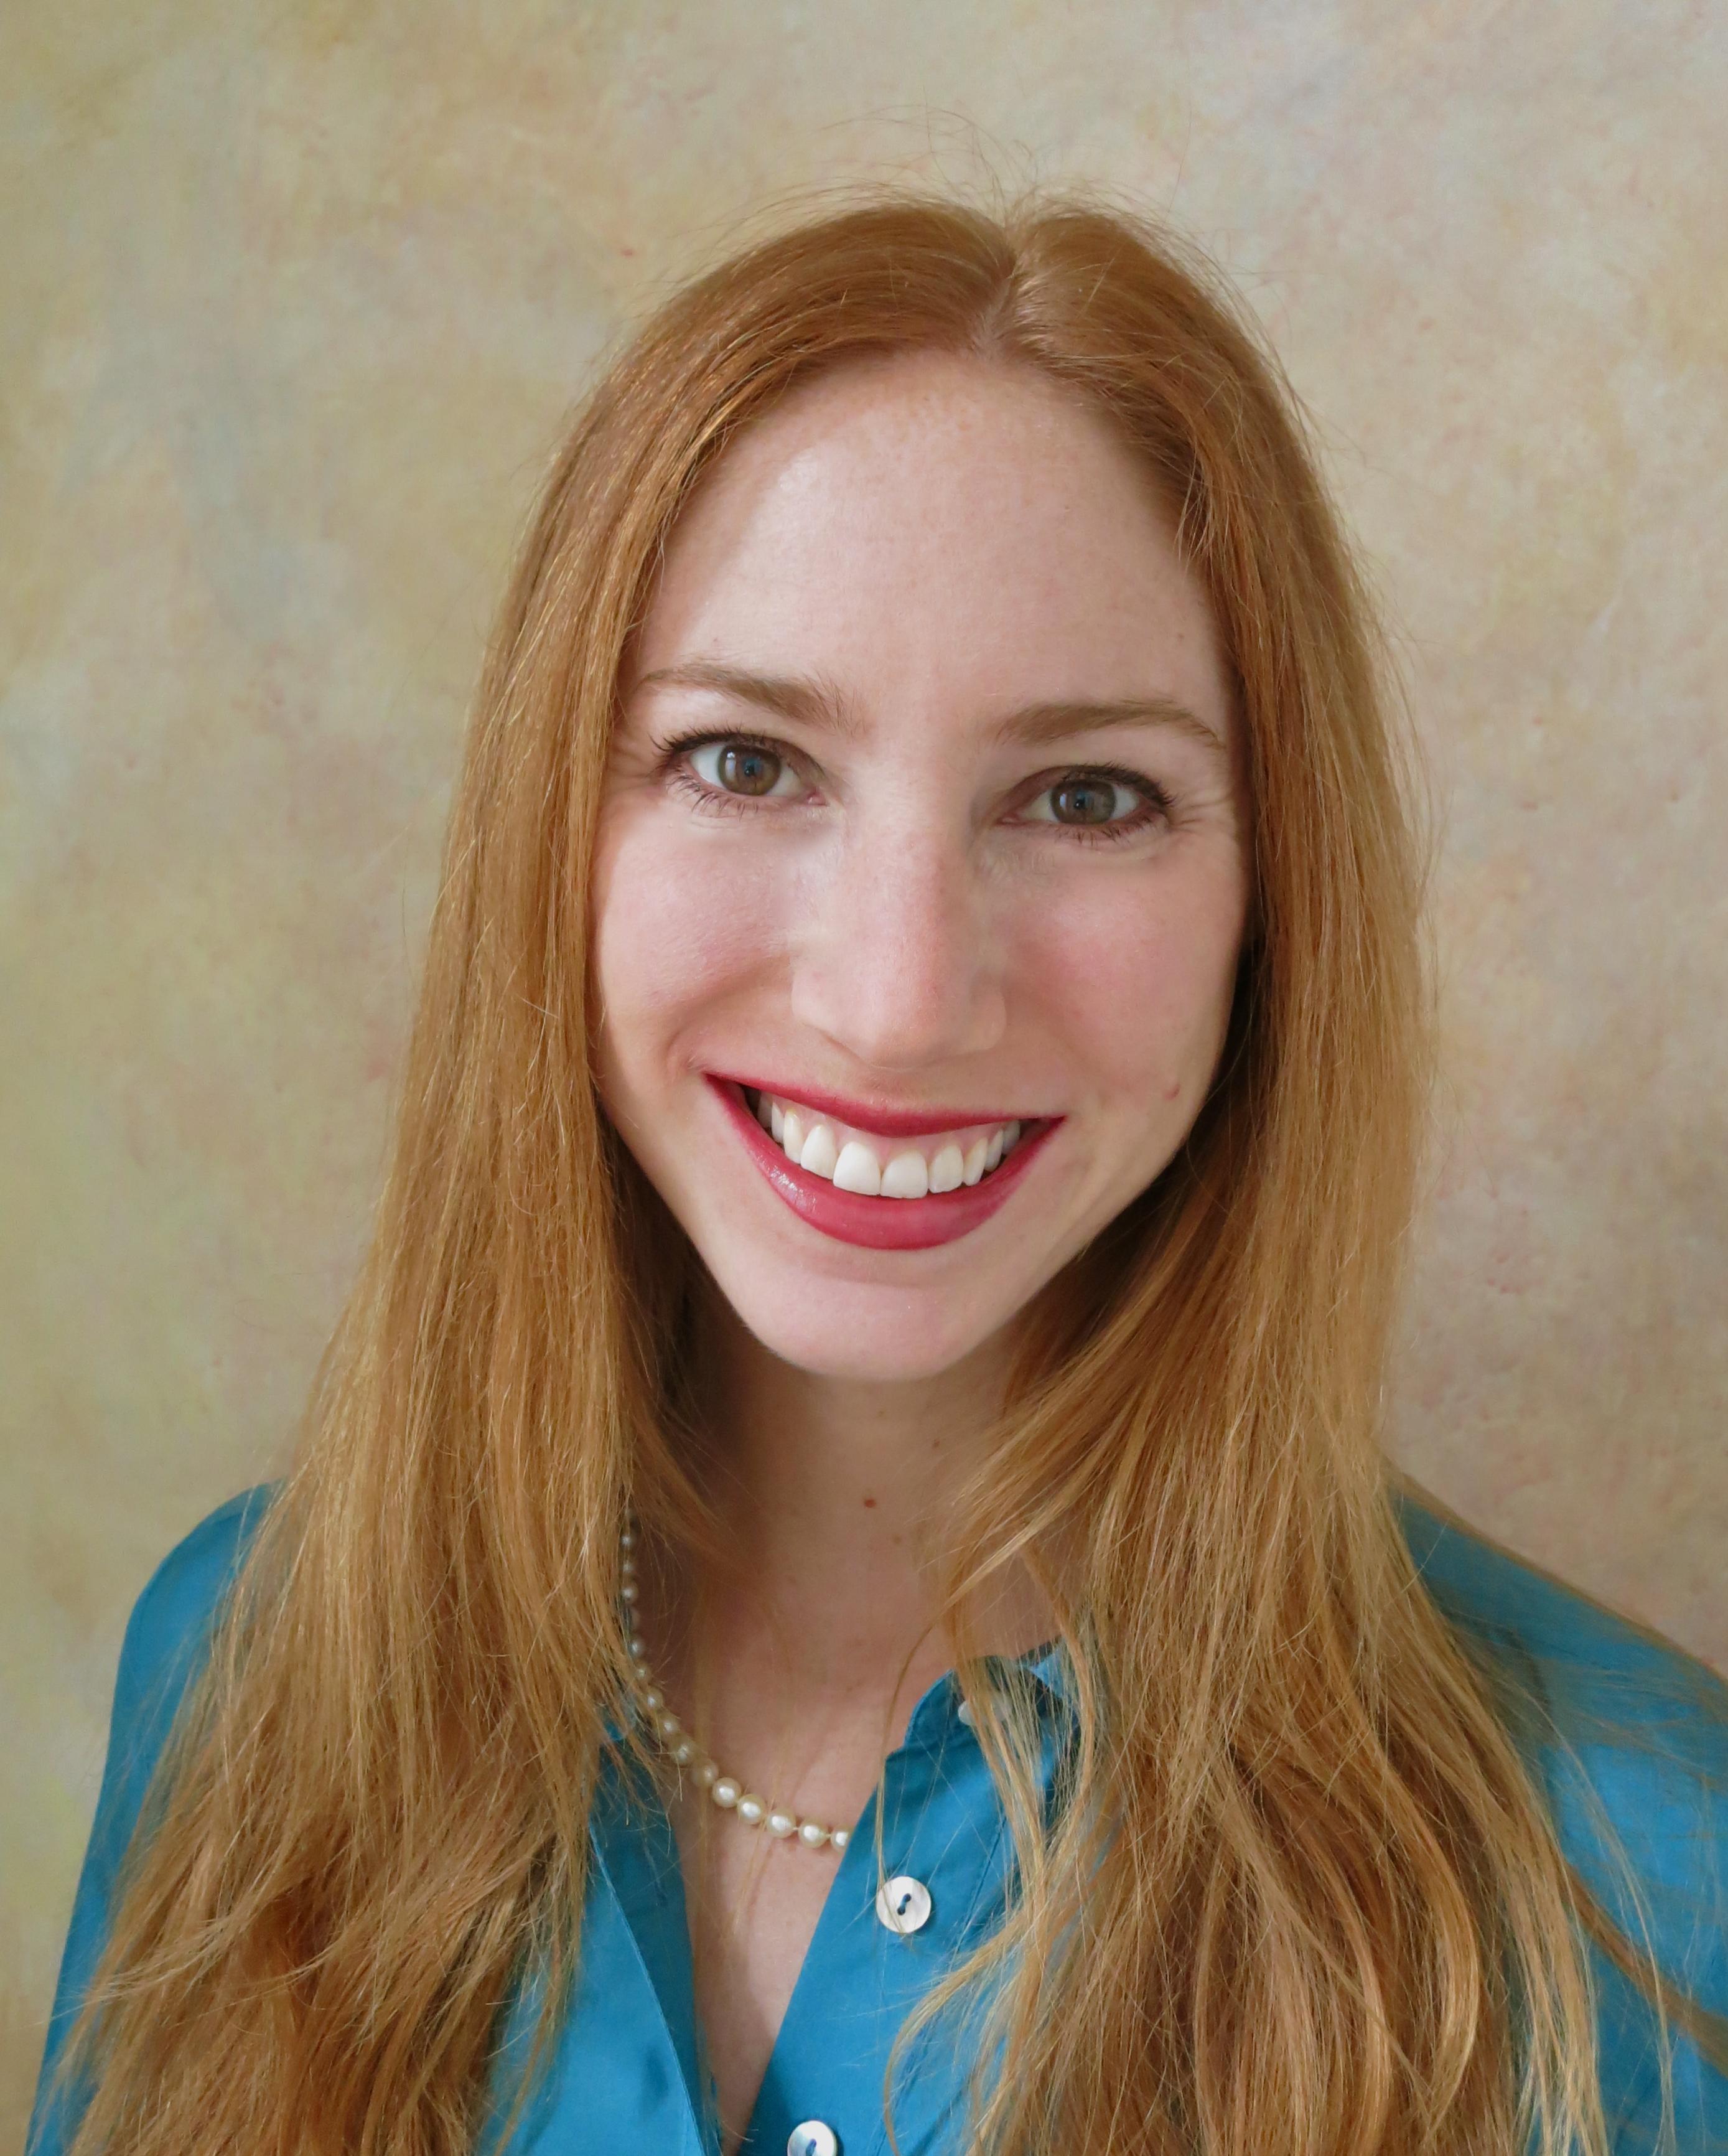 #SocialforGood Conference Attendee Spotlight: Emily from @teach_em_good